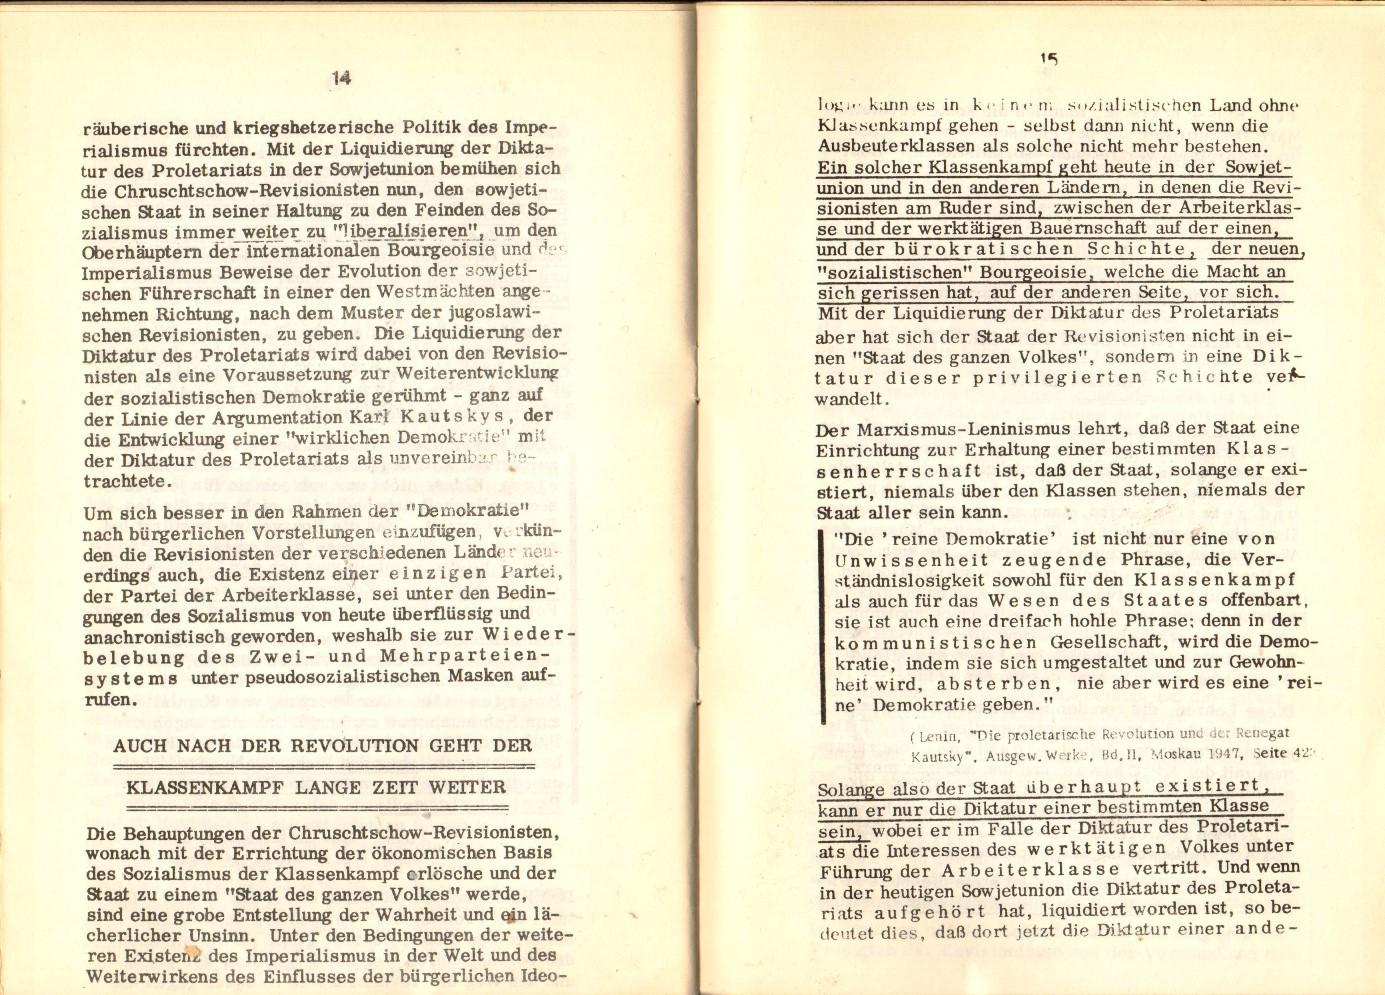 KPDML_1970_Lehre_ueber_Staat_und_Revolution_09